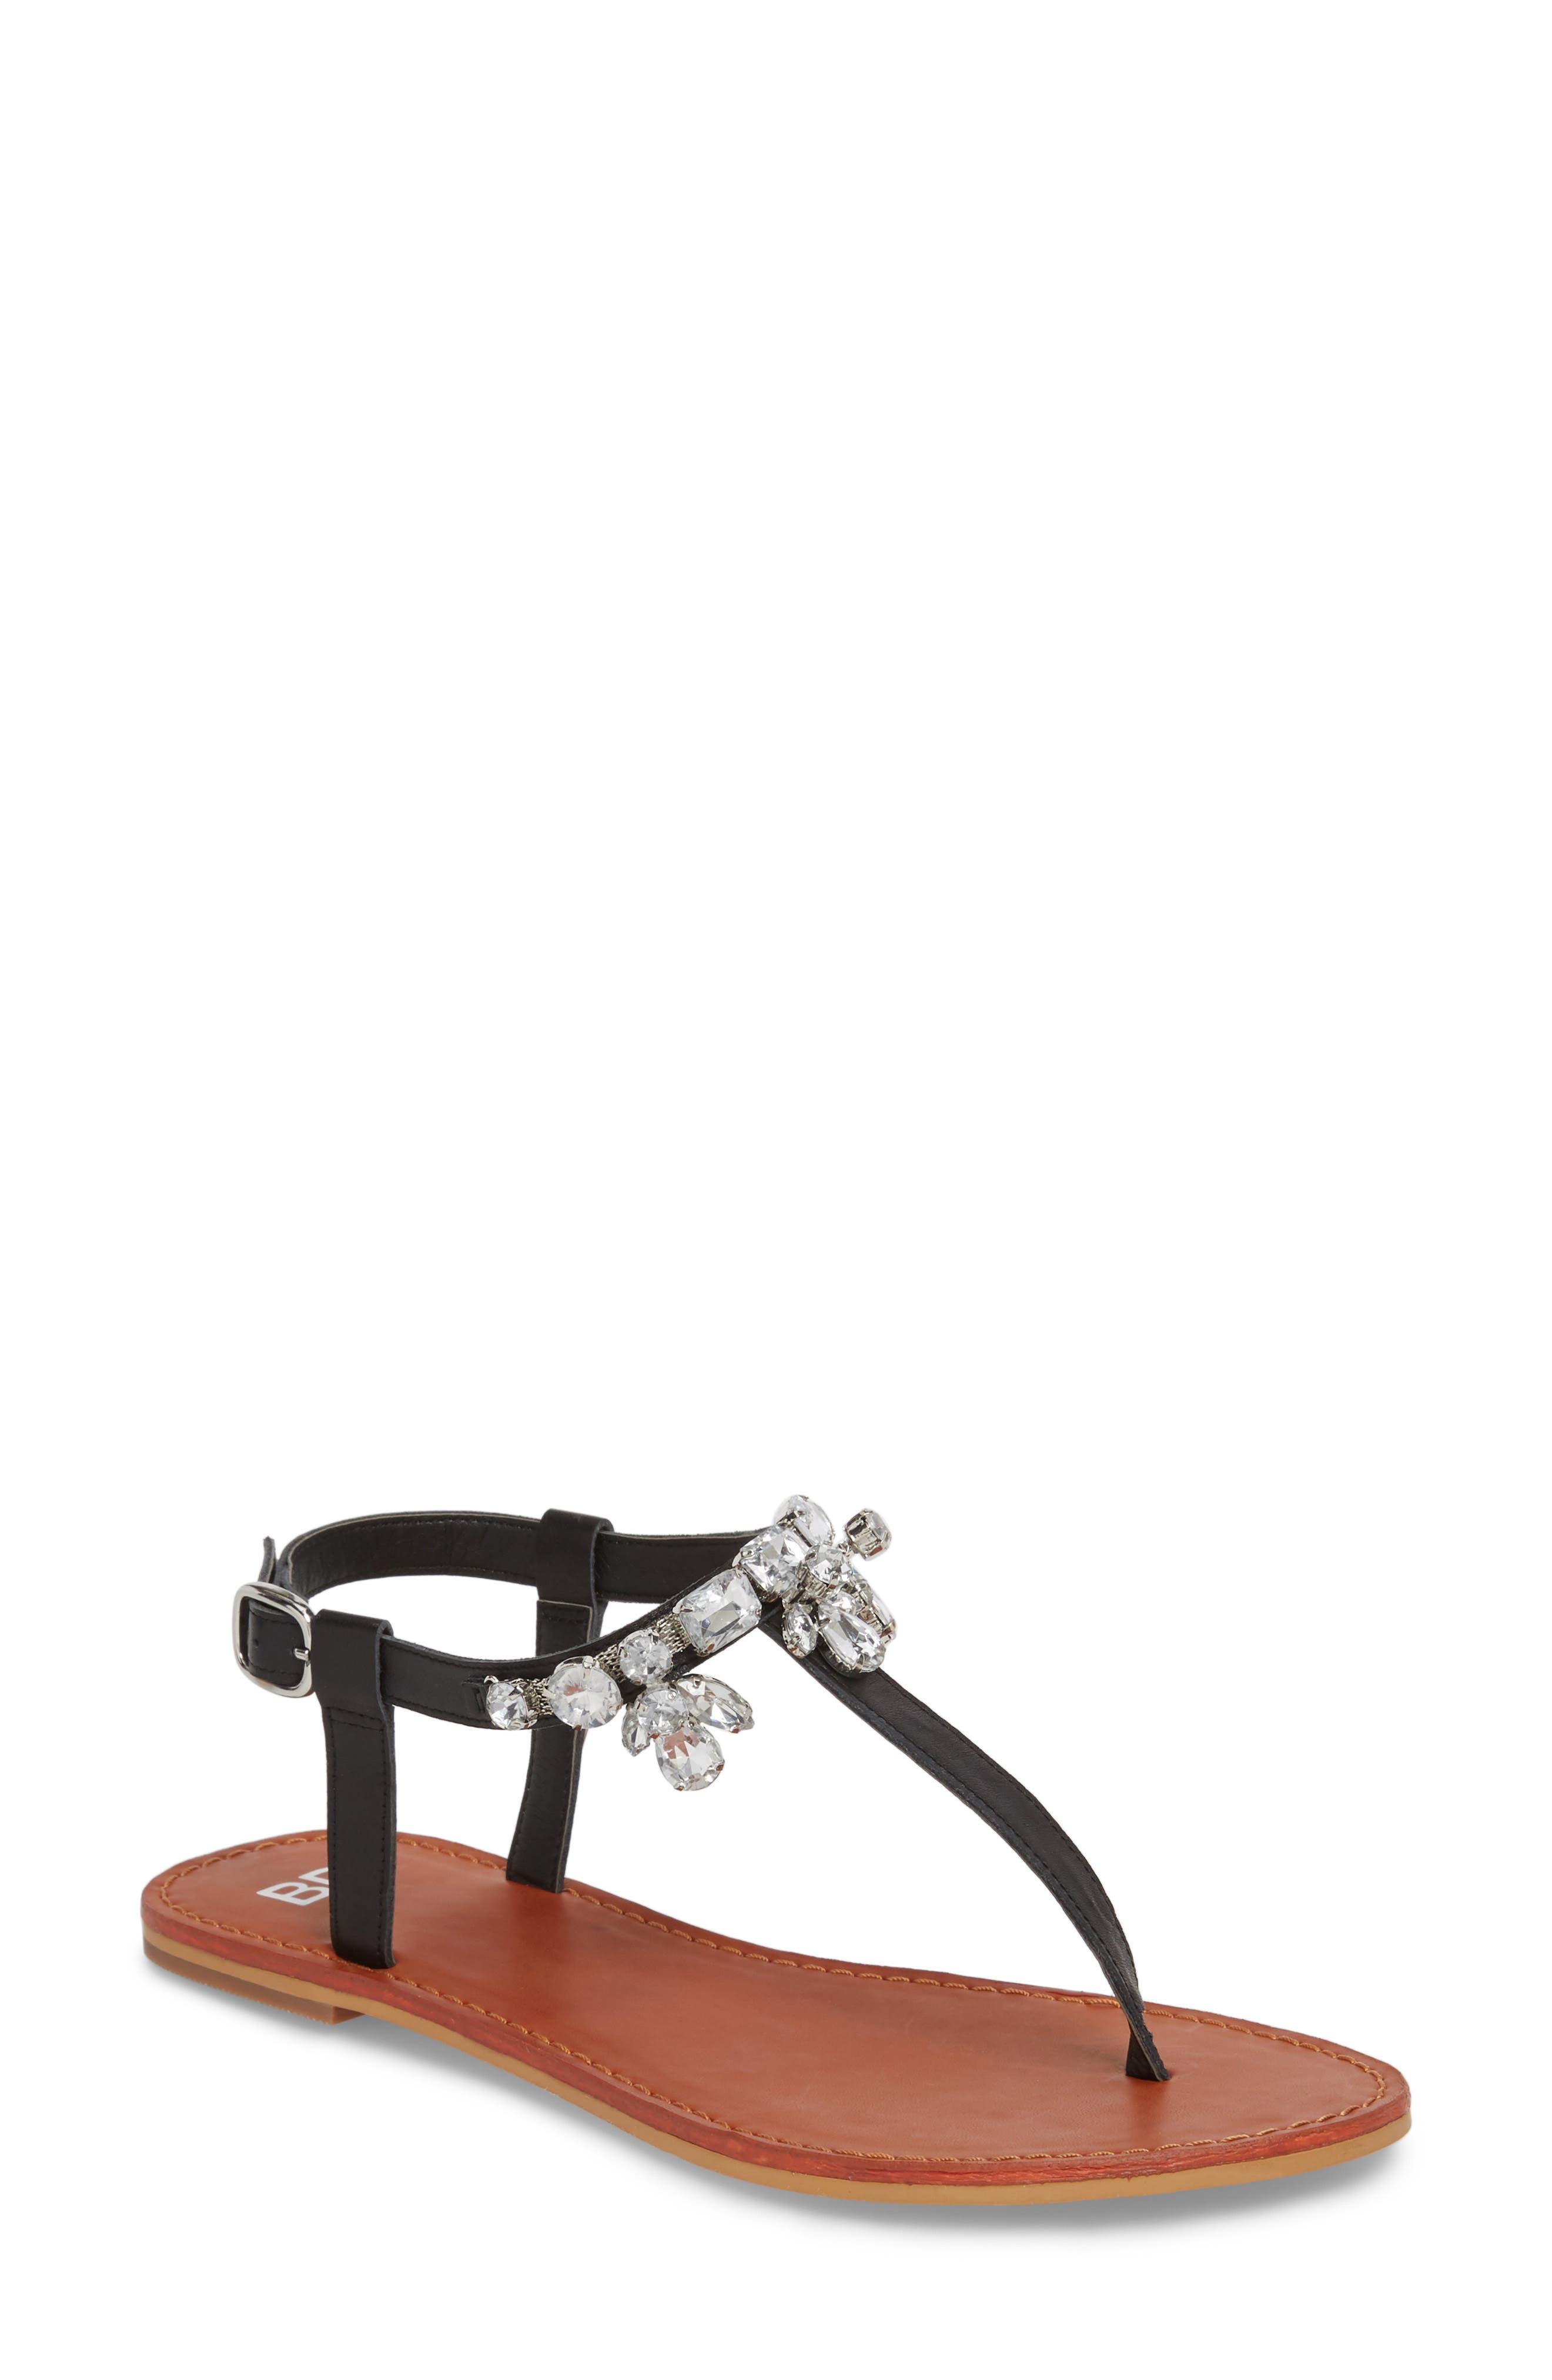 Rock Embellished T-Strap Sandal,                         Main,                         color, 001